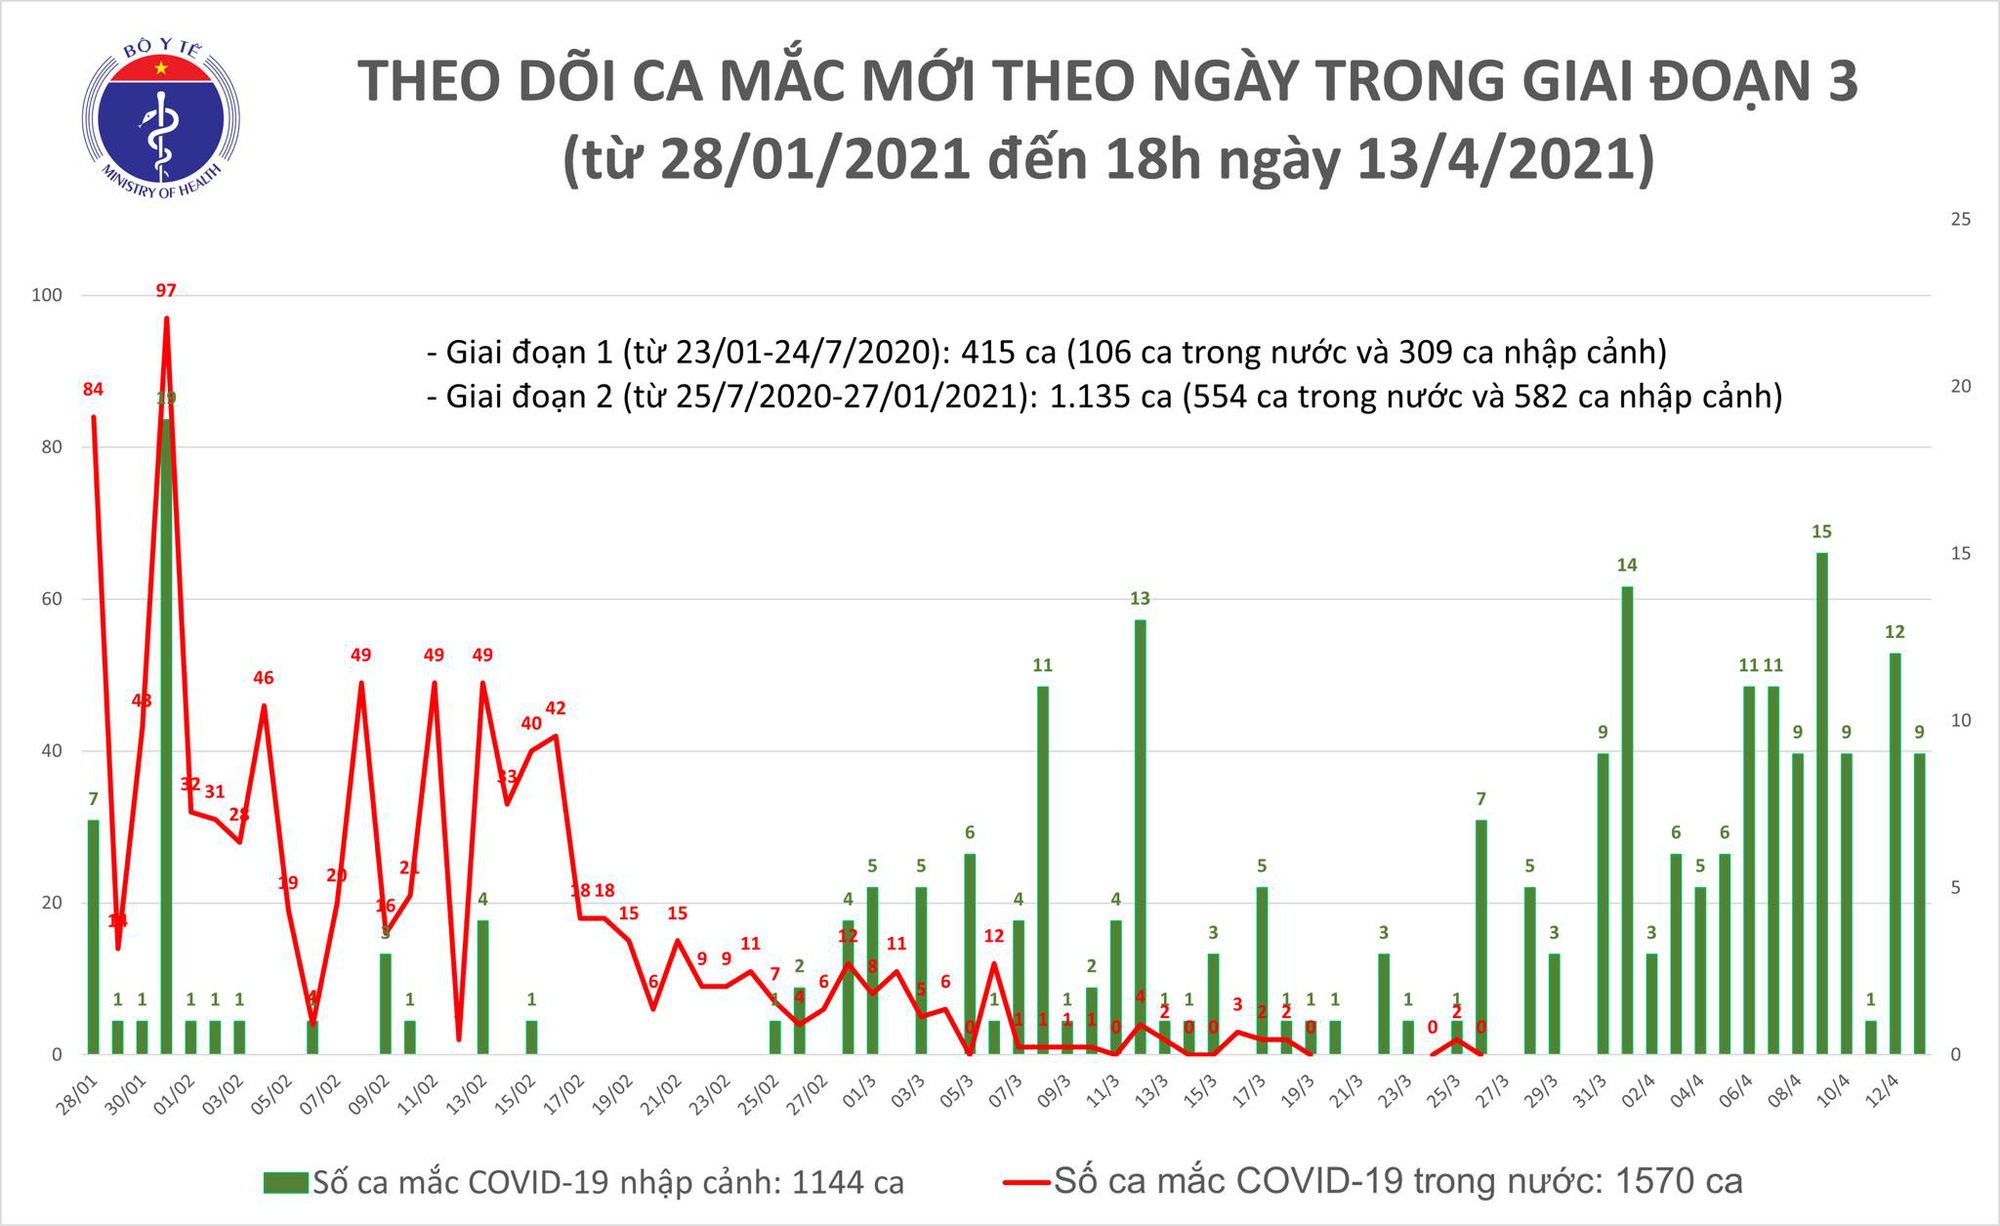 Chiều 13/4, có 7 ca mắc Covid-19 tại Bến Tre, Kiên Giang và Đà Nẵng - Ảnh 1.